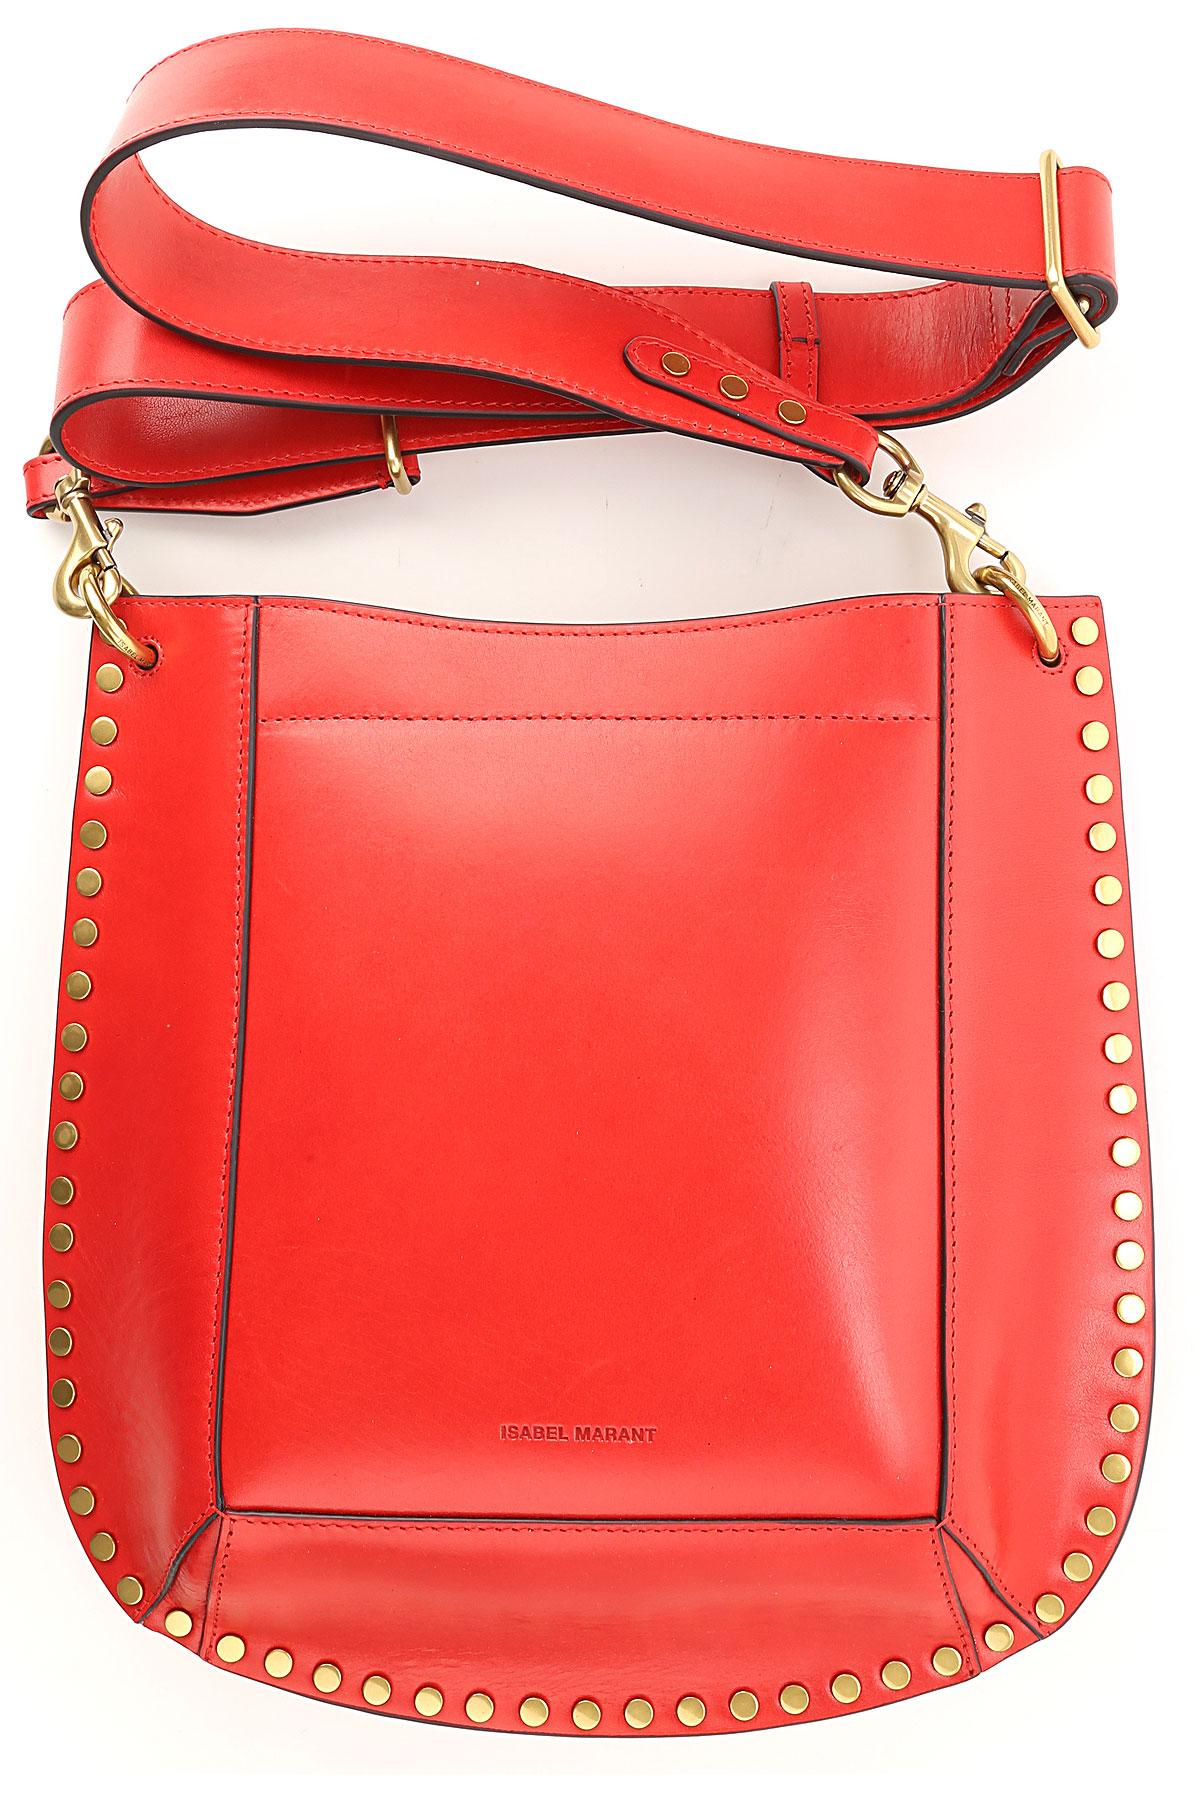 Isabel Marant Shoulder Bag for Women On Sale, Red, Leather, 2019